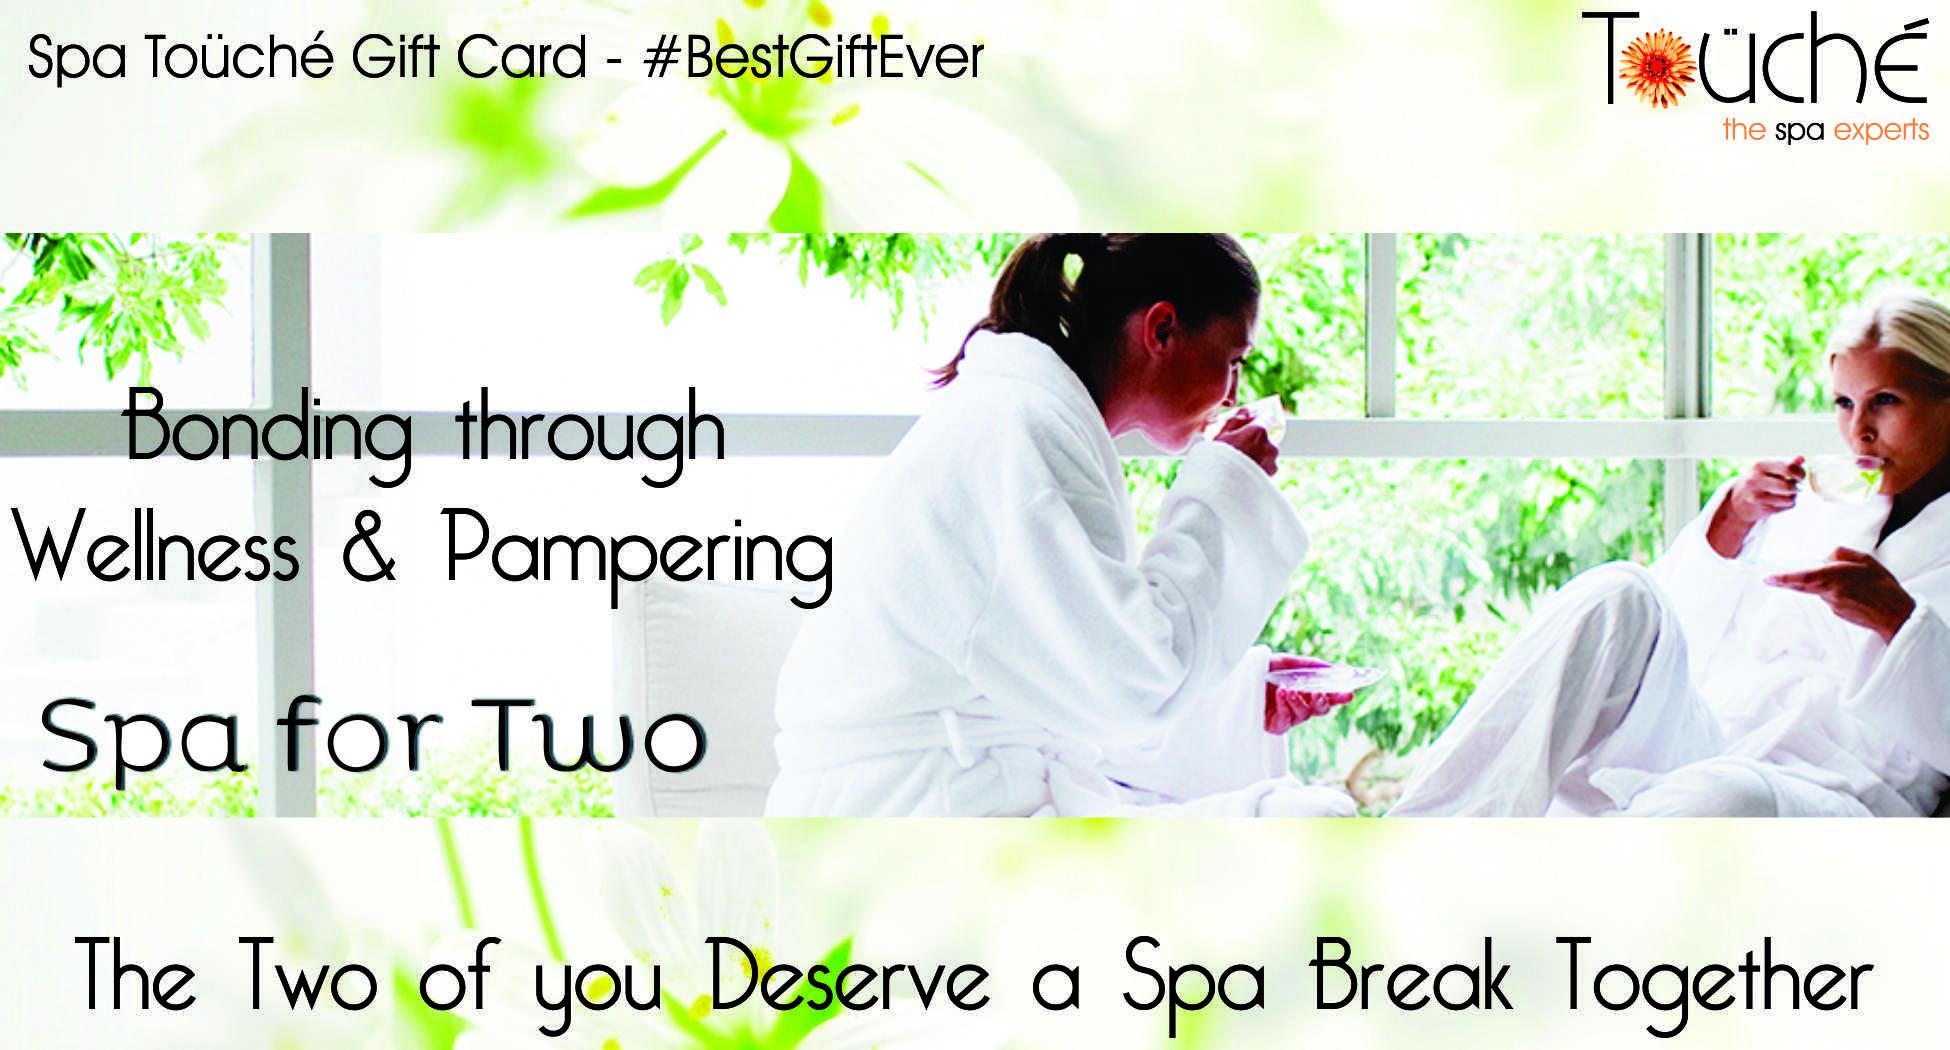 Spa Touche Gift Card5.jpg